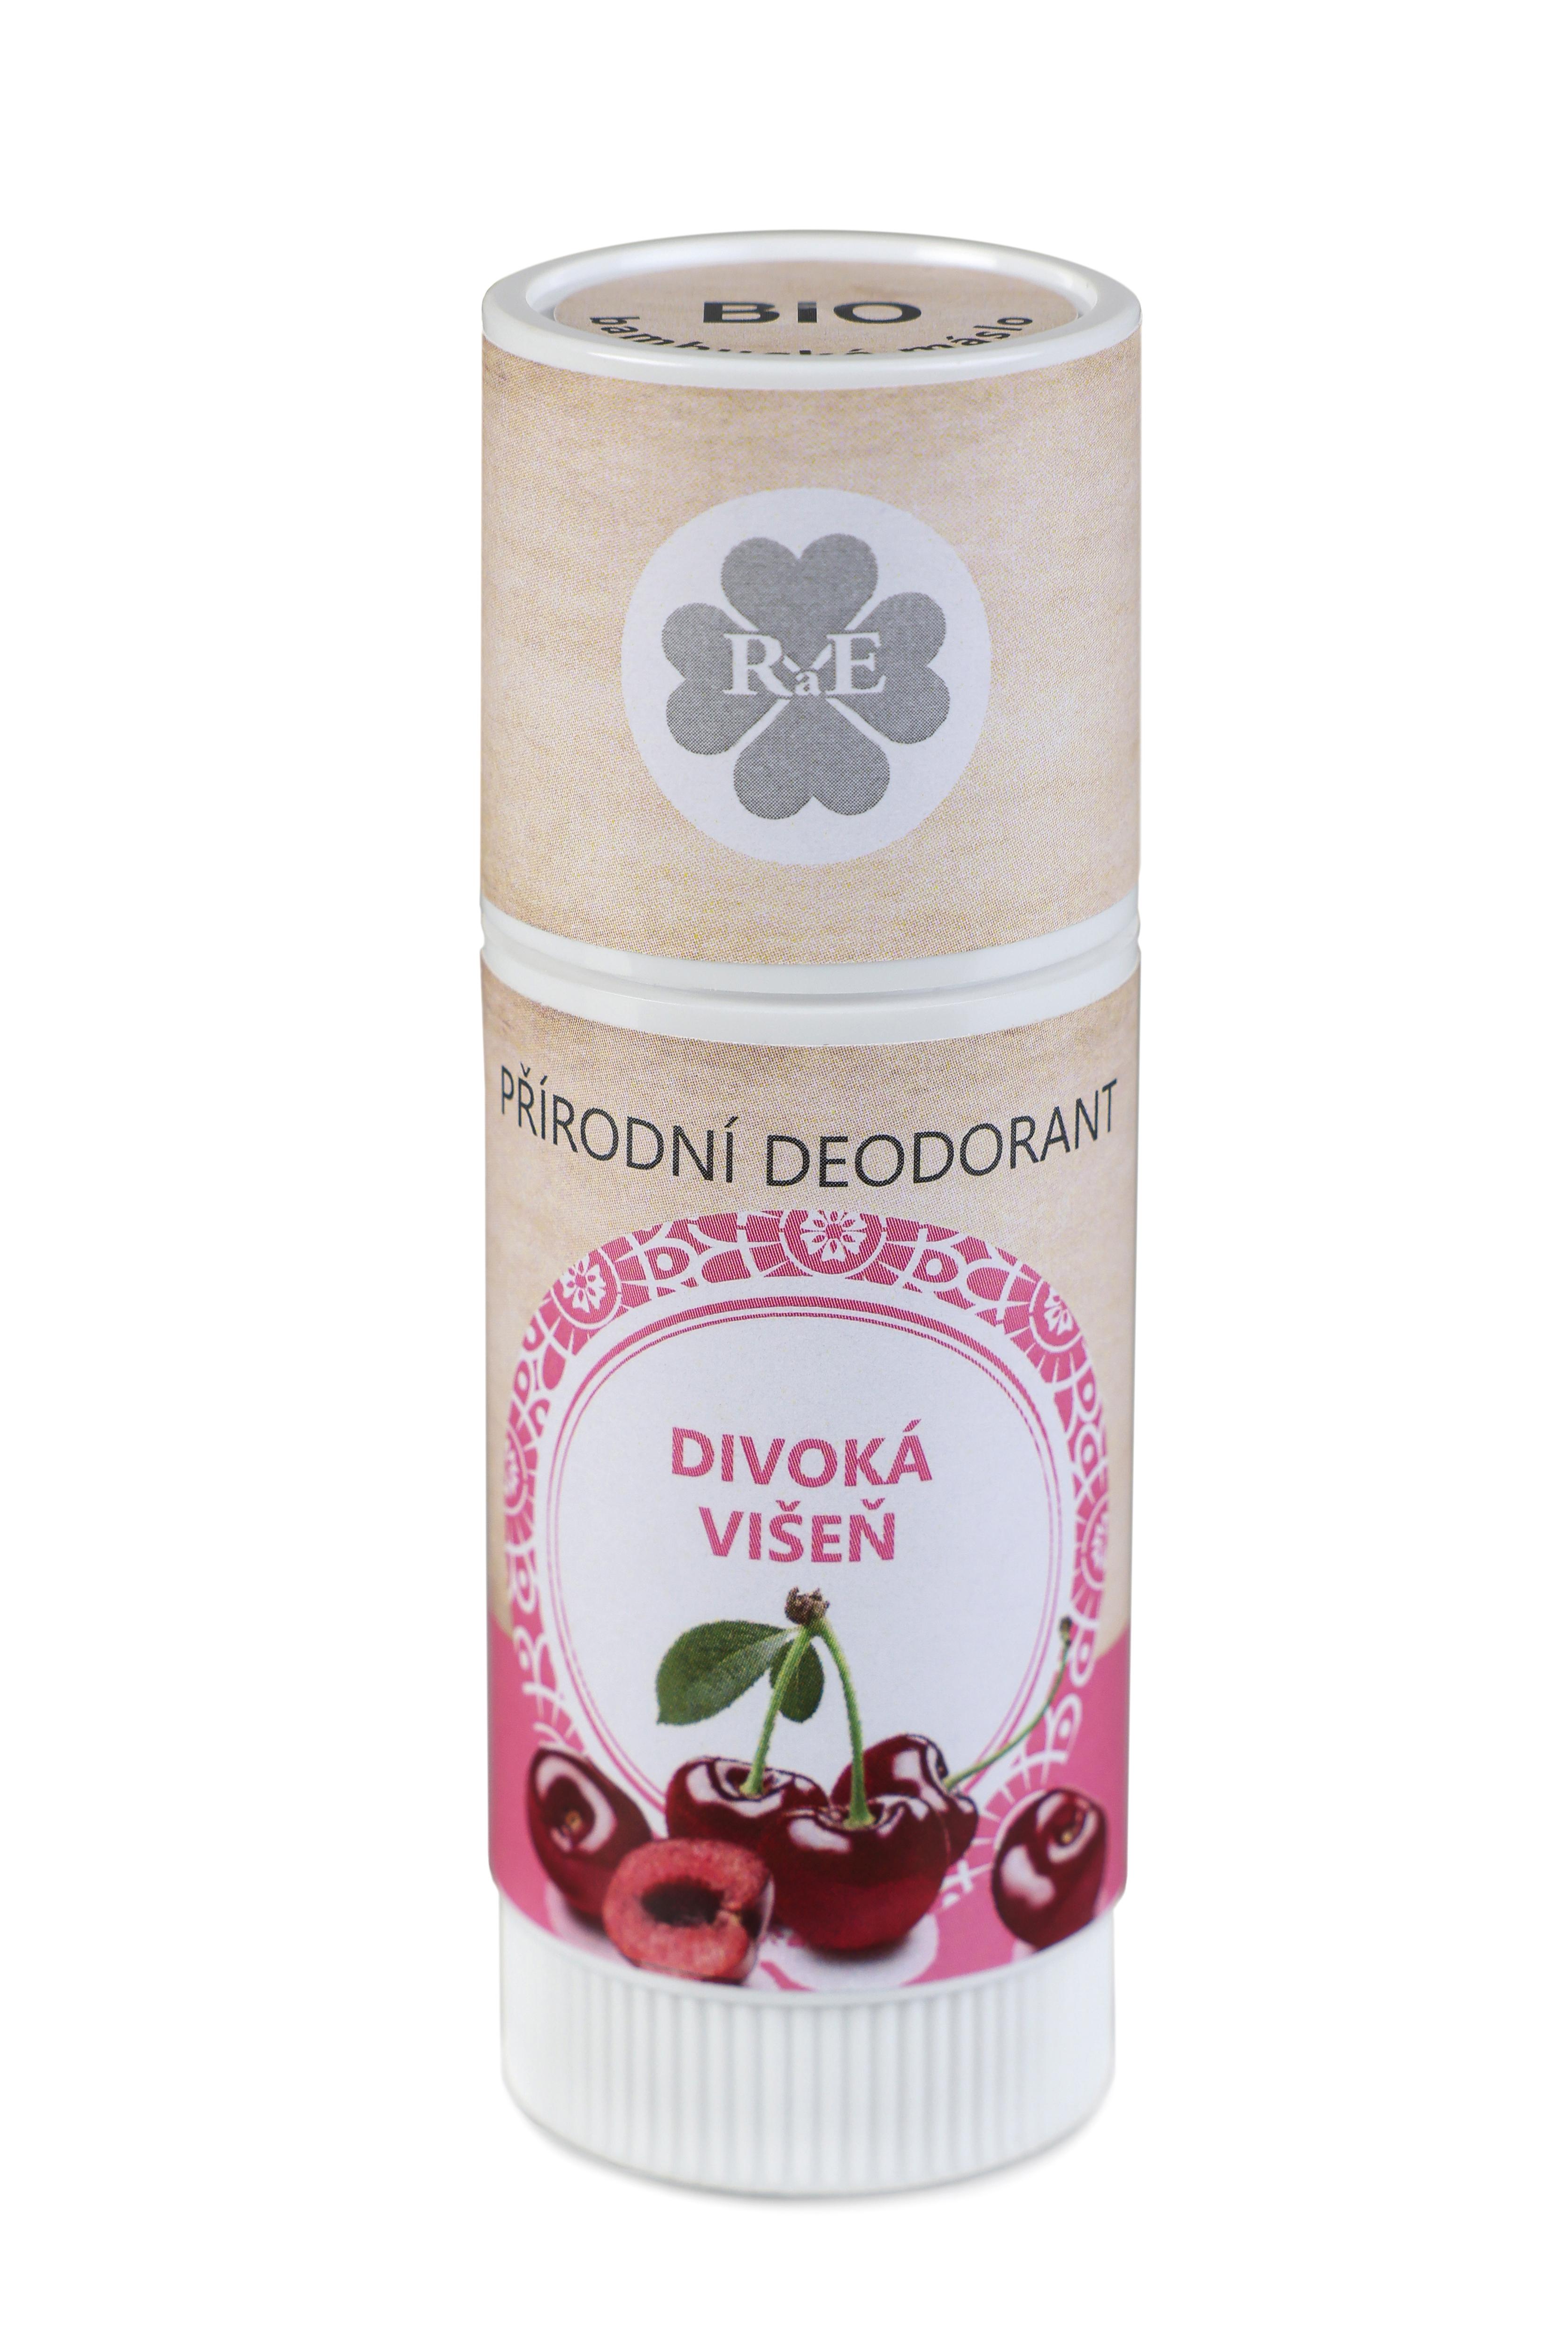 Přírodní deodorant BIO bambucké máslo s vůní divoké višně 25 ml